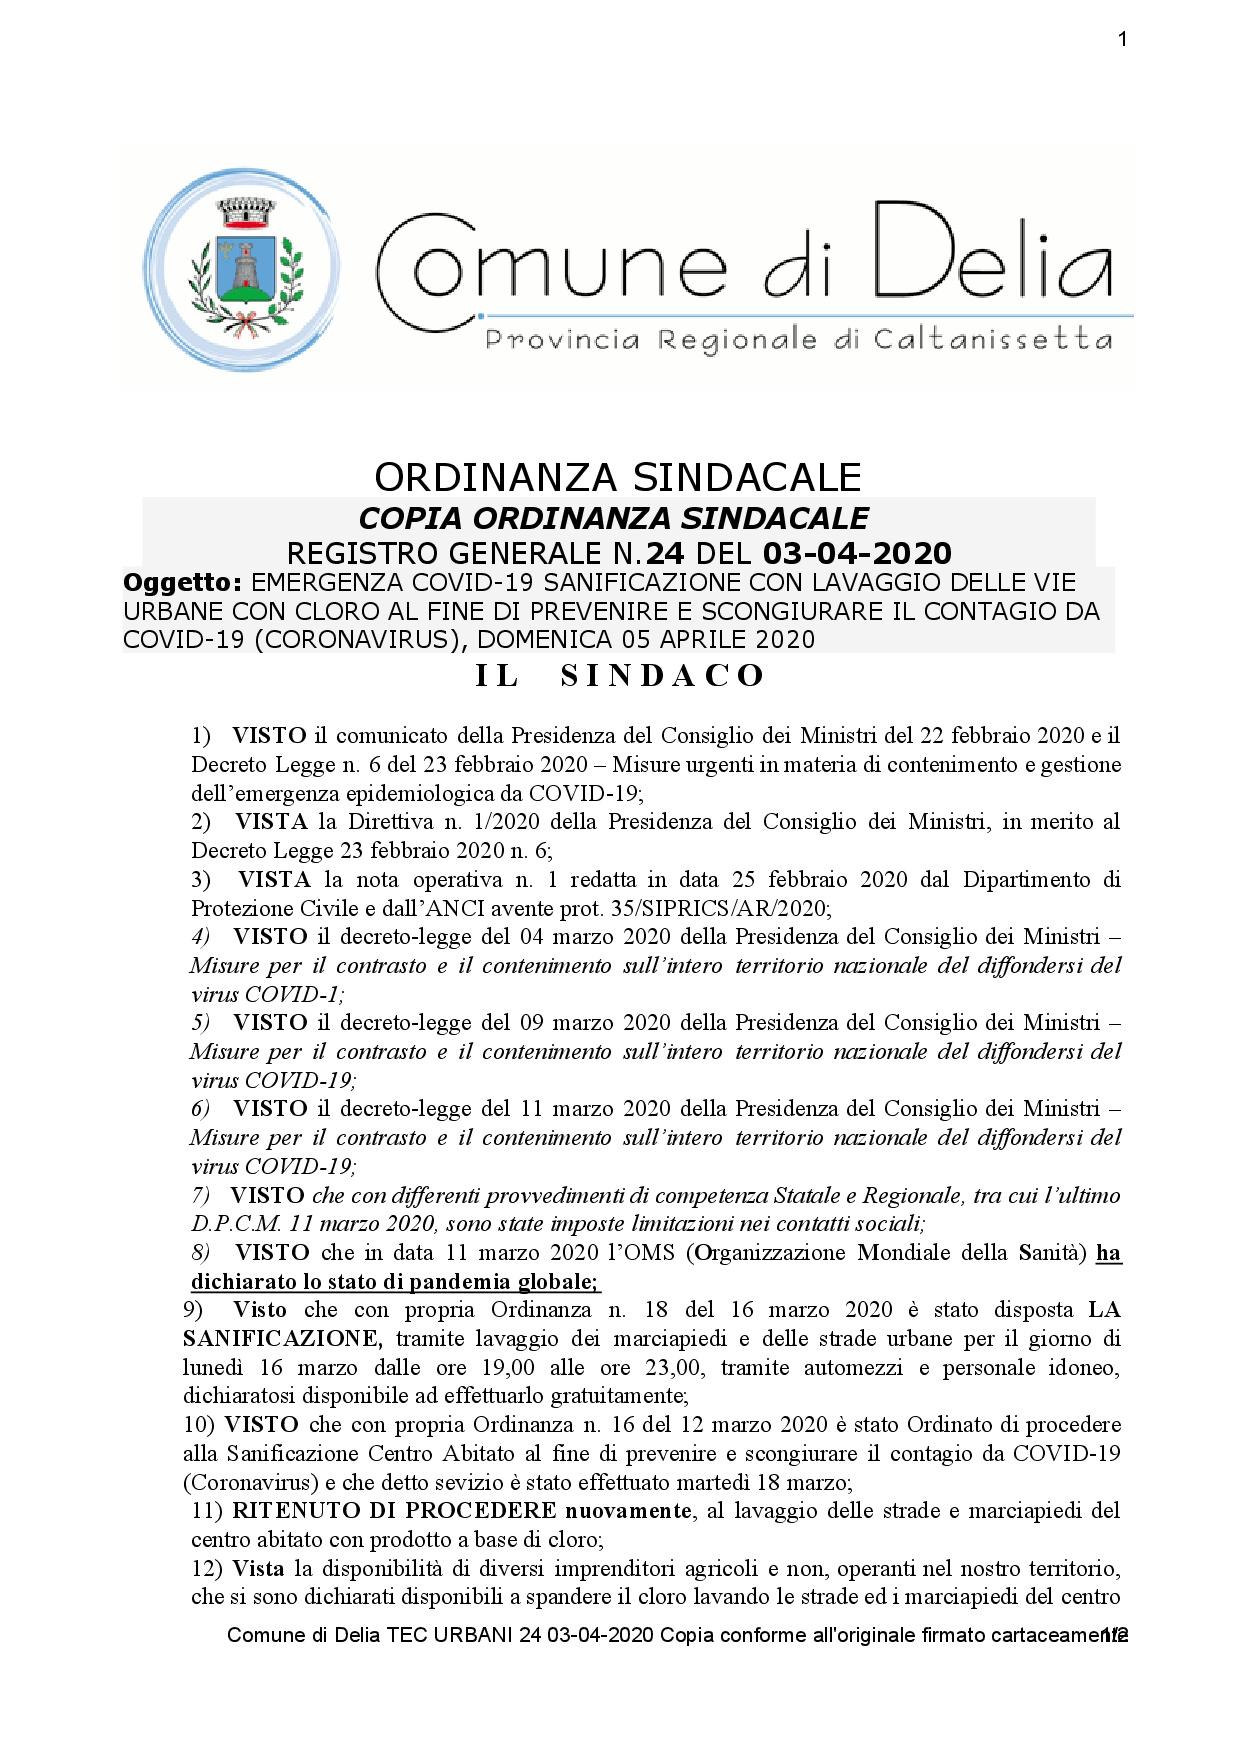 ORDINANZA SINDACALE N. 24 DEL 03-04-2020-001